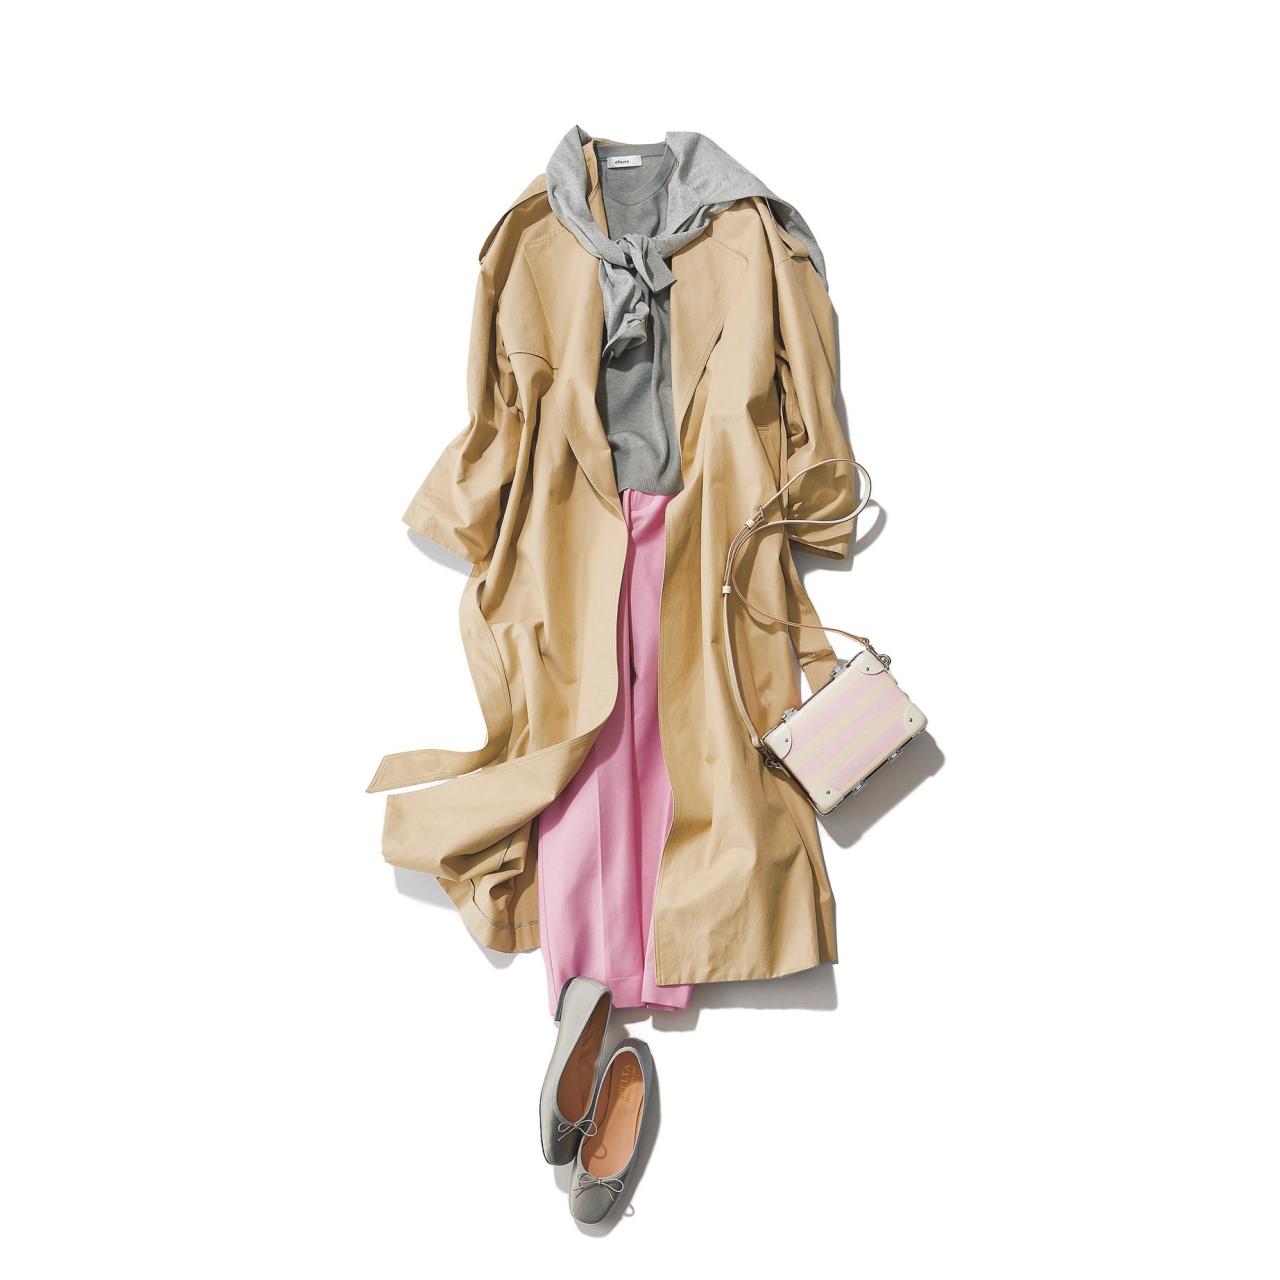 ピンクパンツ×トレンチコート&グレーニットのファッションコーデ